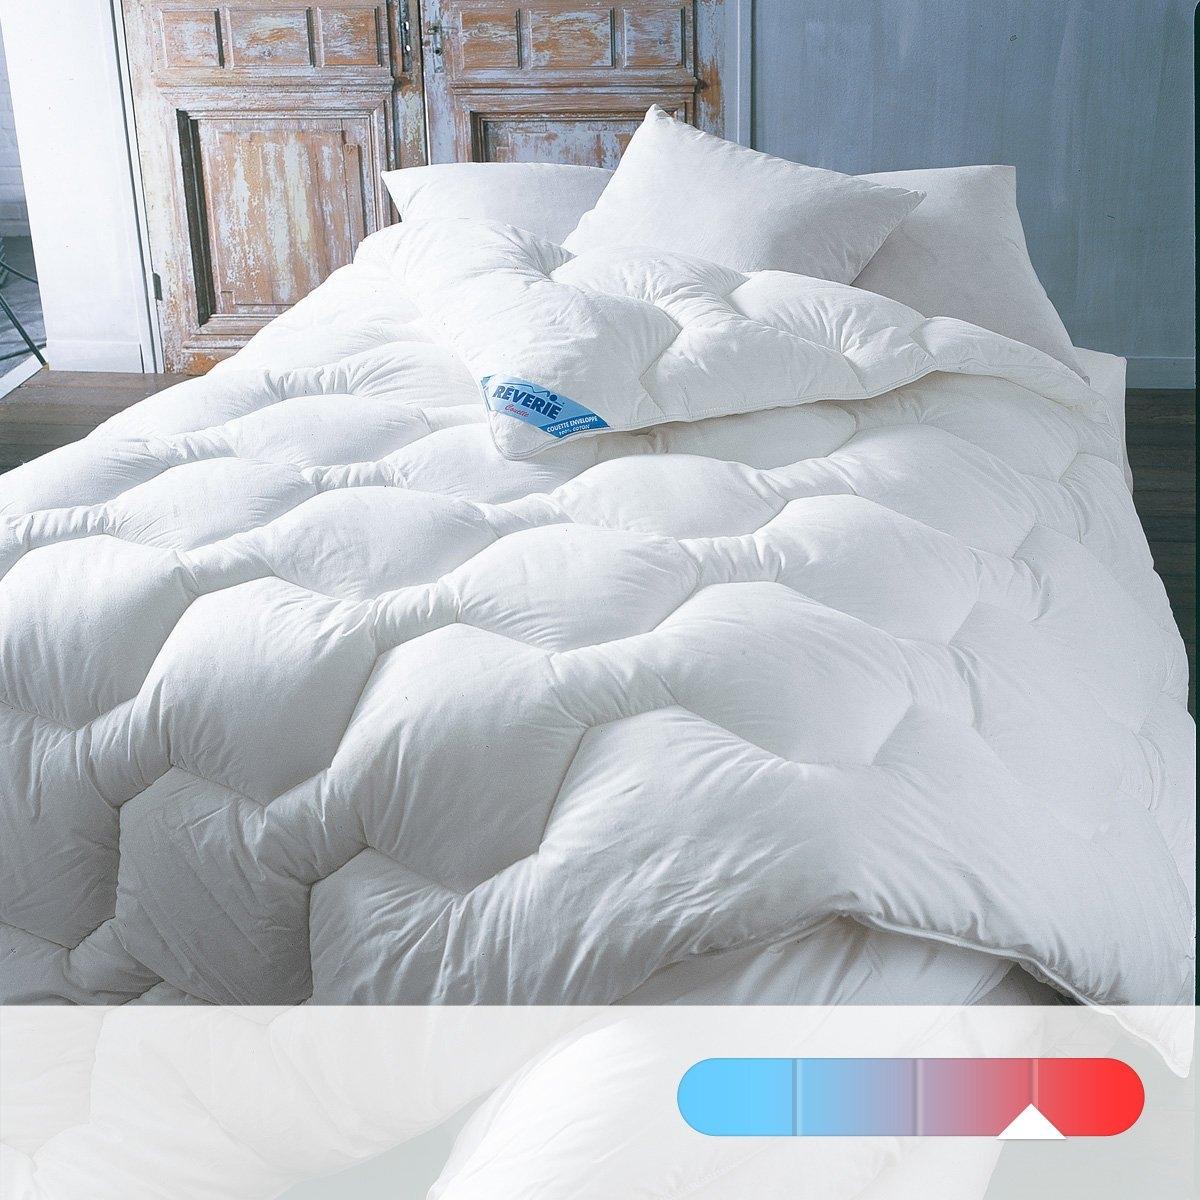 Одеяло синтетическое высокого качества